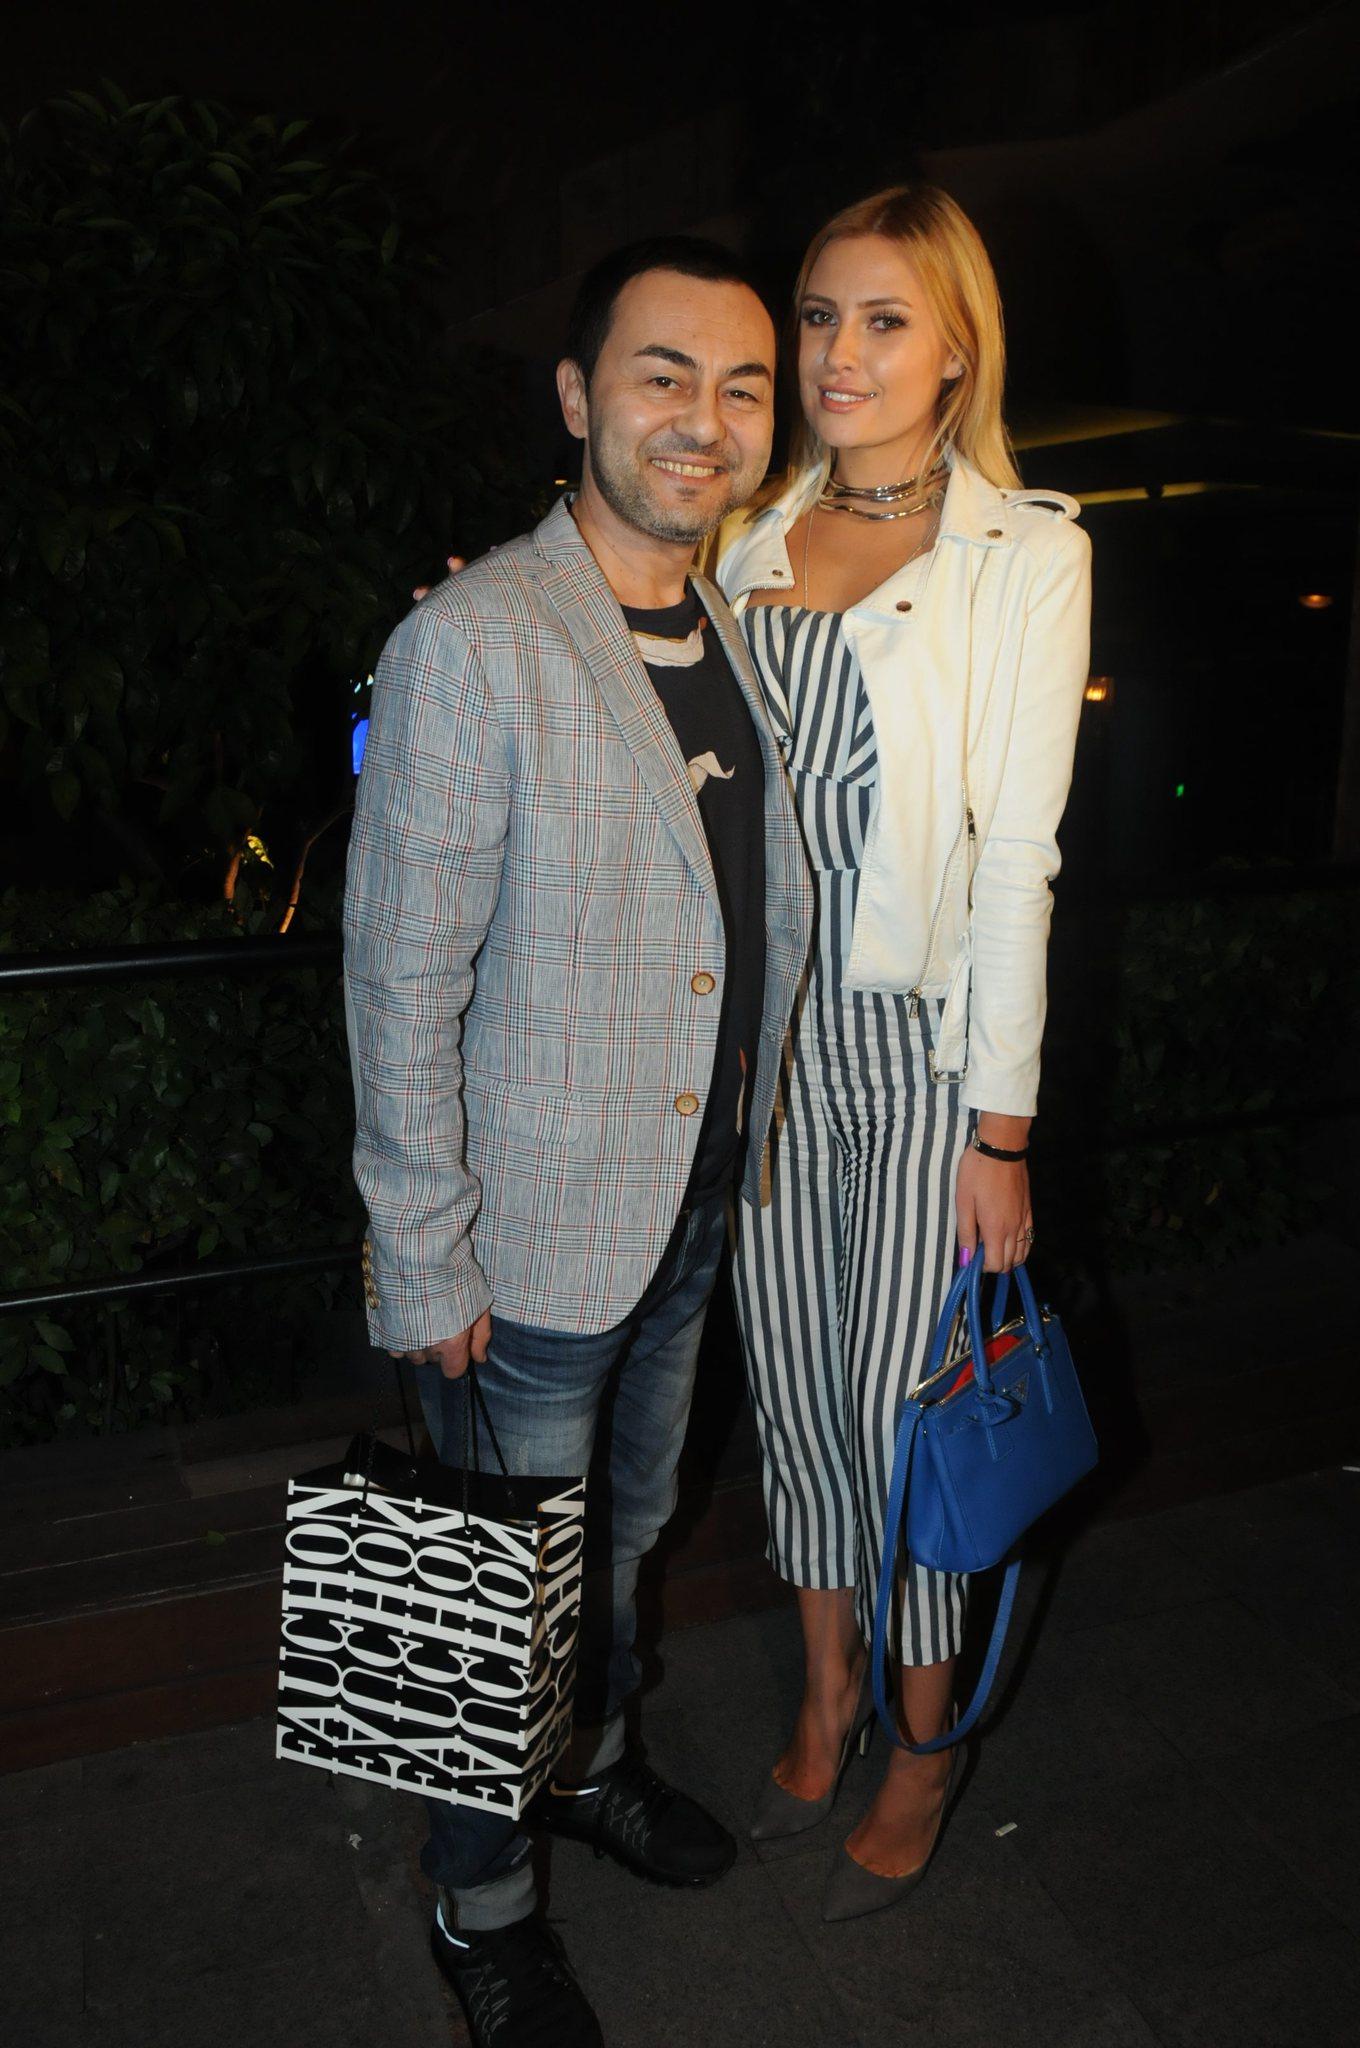 Ünlü popçu Serdar Ortaç Chloe Loughnan'dan boşanıyor mu?